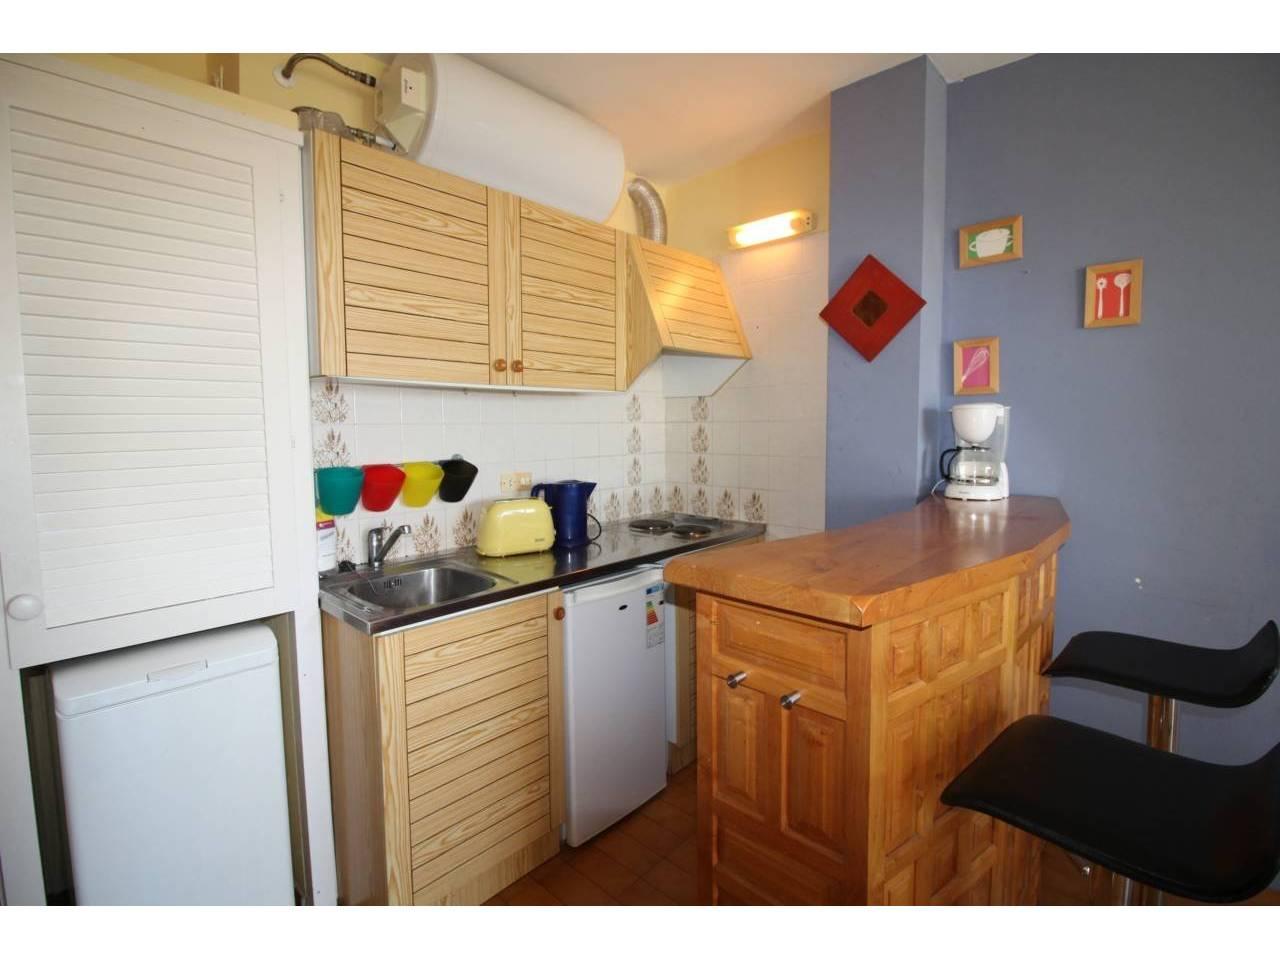 000005 - RESIDENCIA DEL SOL Appartement in Strandnähe